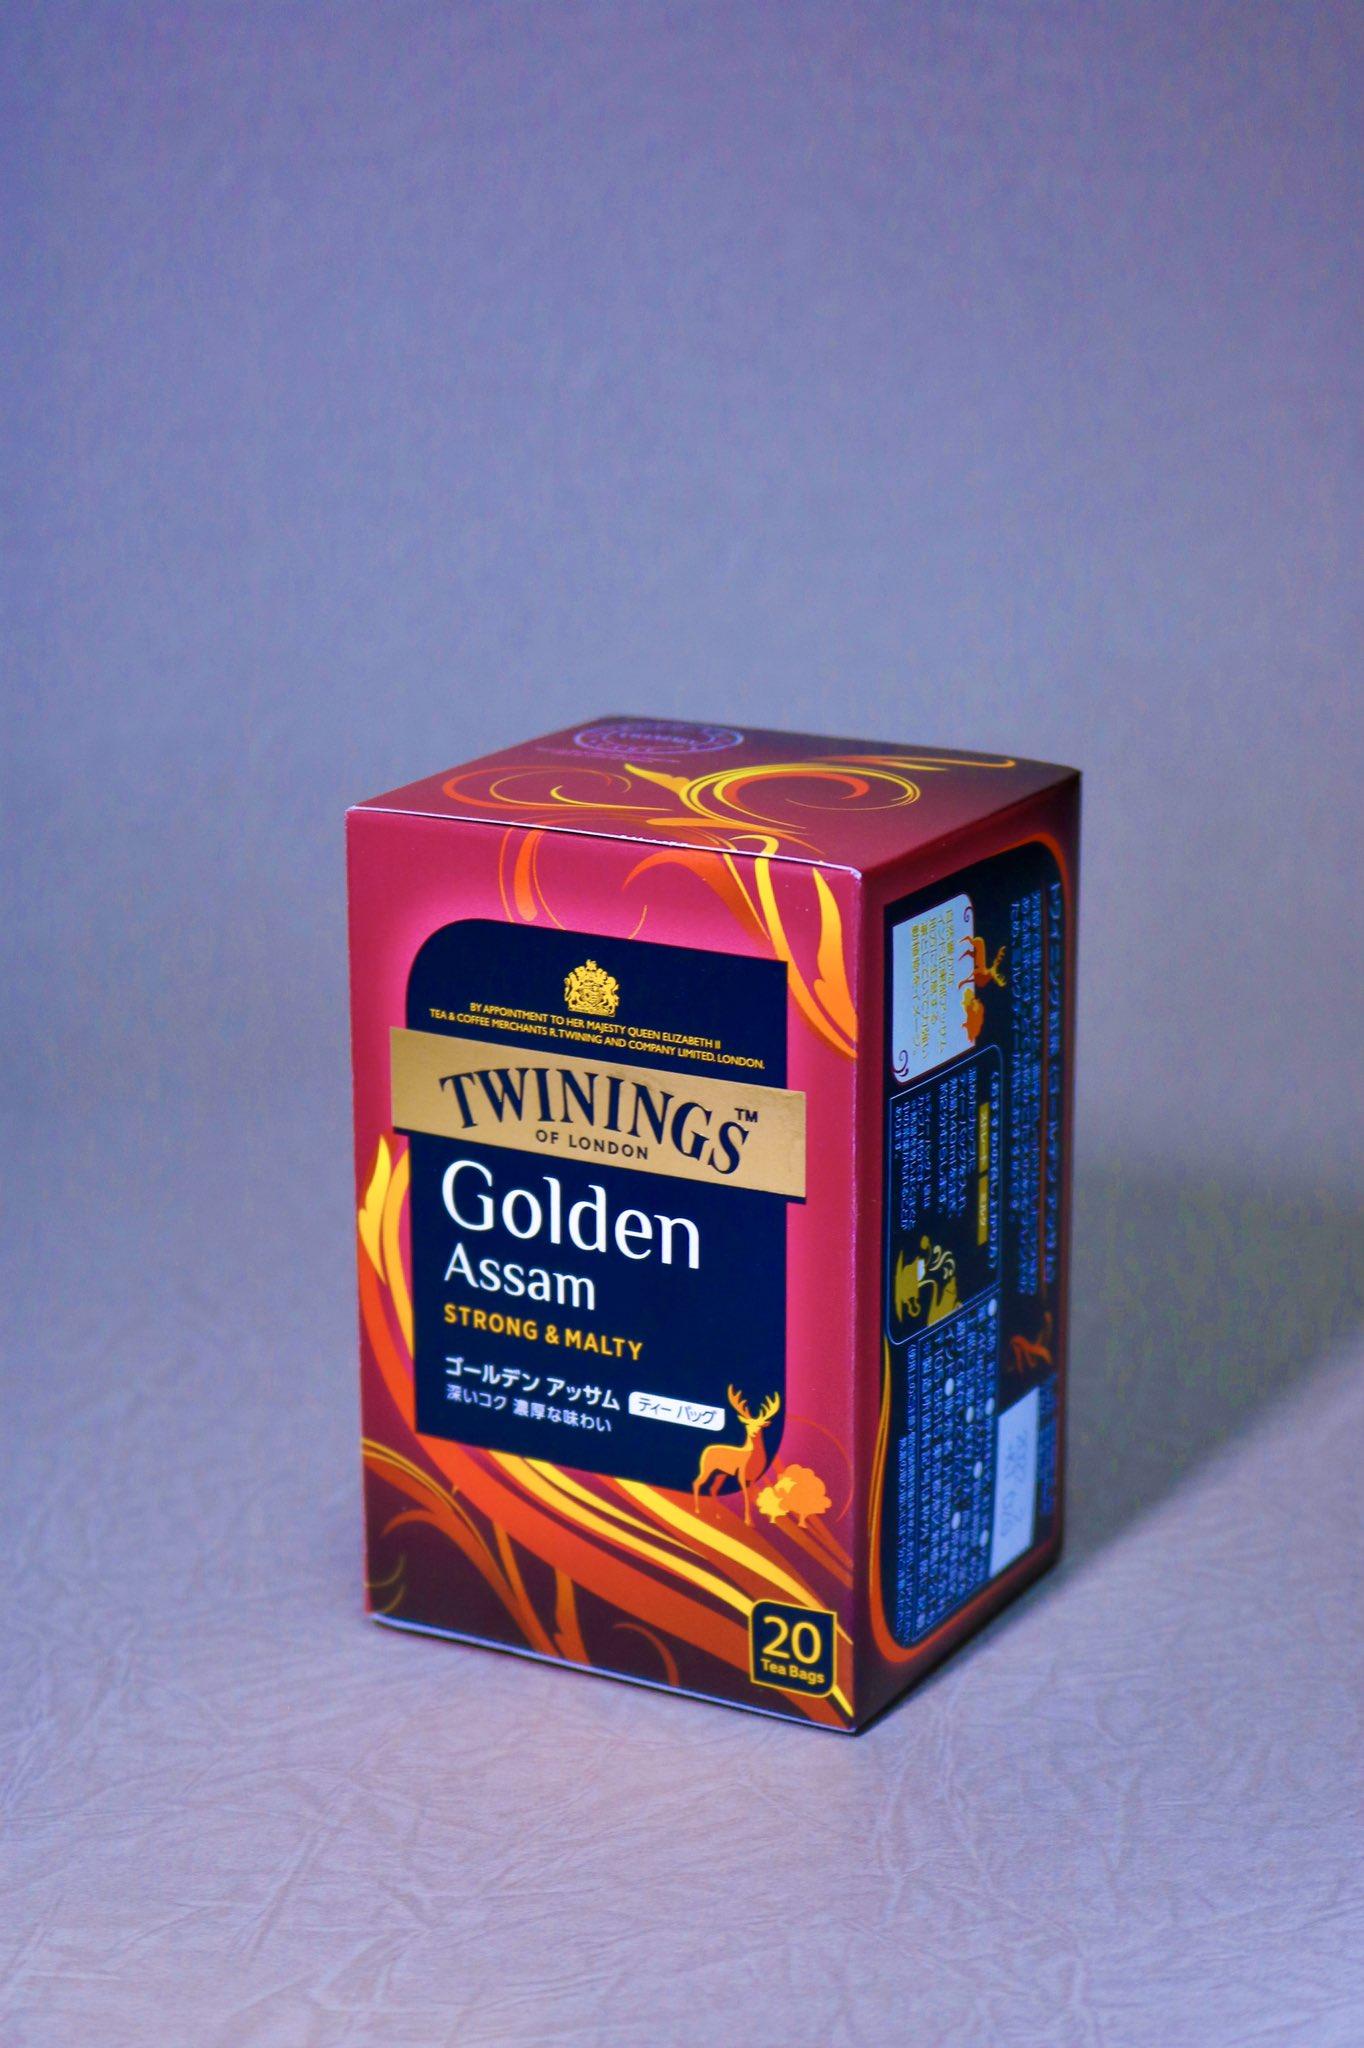 紅茶の空き箱がひとつの作品に!元が空き箱とは思えない完成度の高さが話題に!